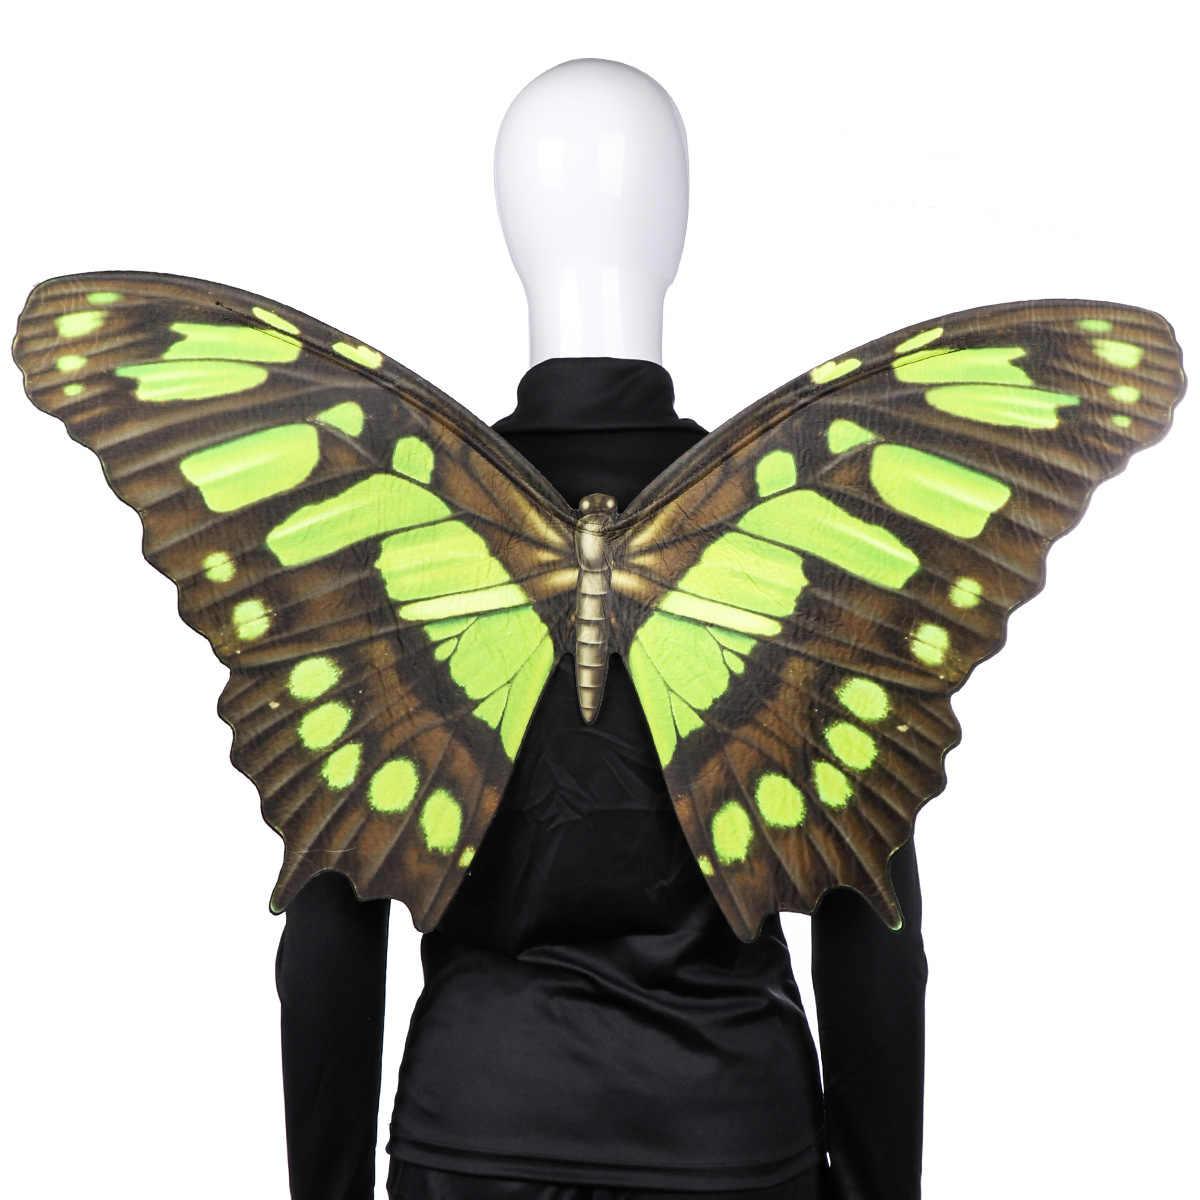 Хэллоуин карнавала Марди Гра фестиваль вечерние необычное платье на выпускной, костюм с украшением в виде крыльев бабочки; 79*44 см